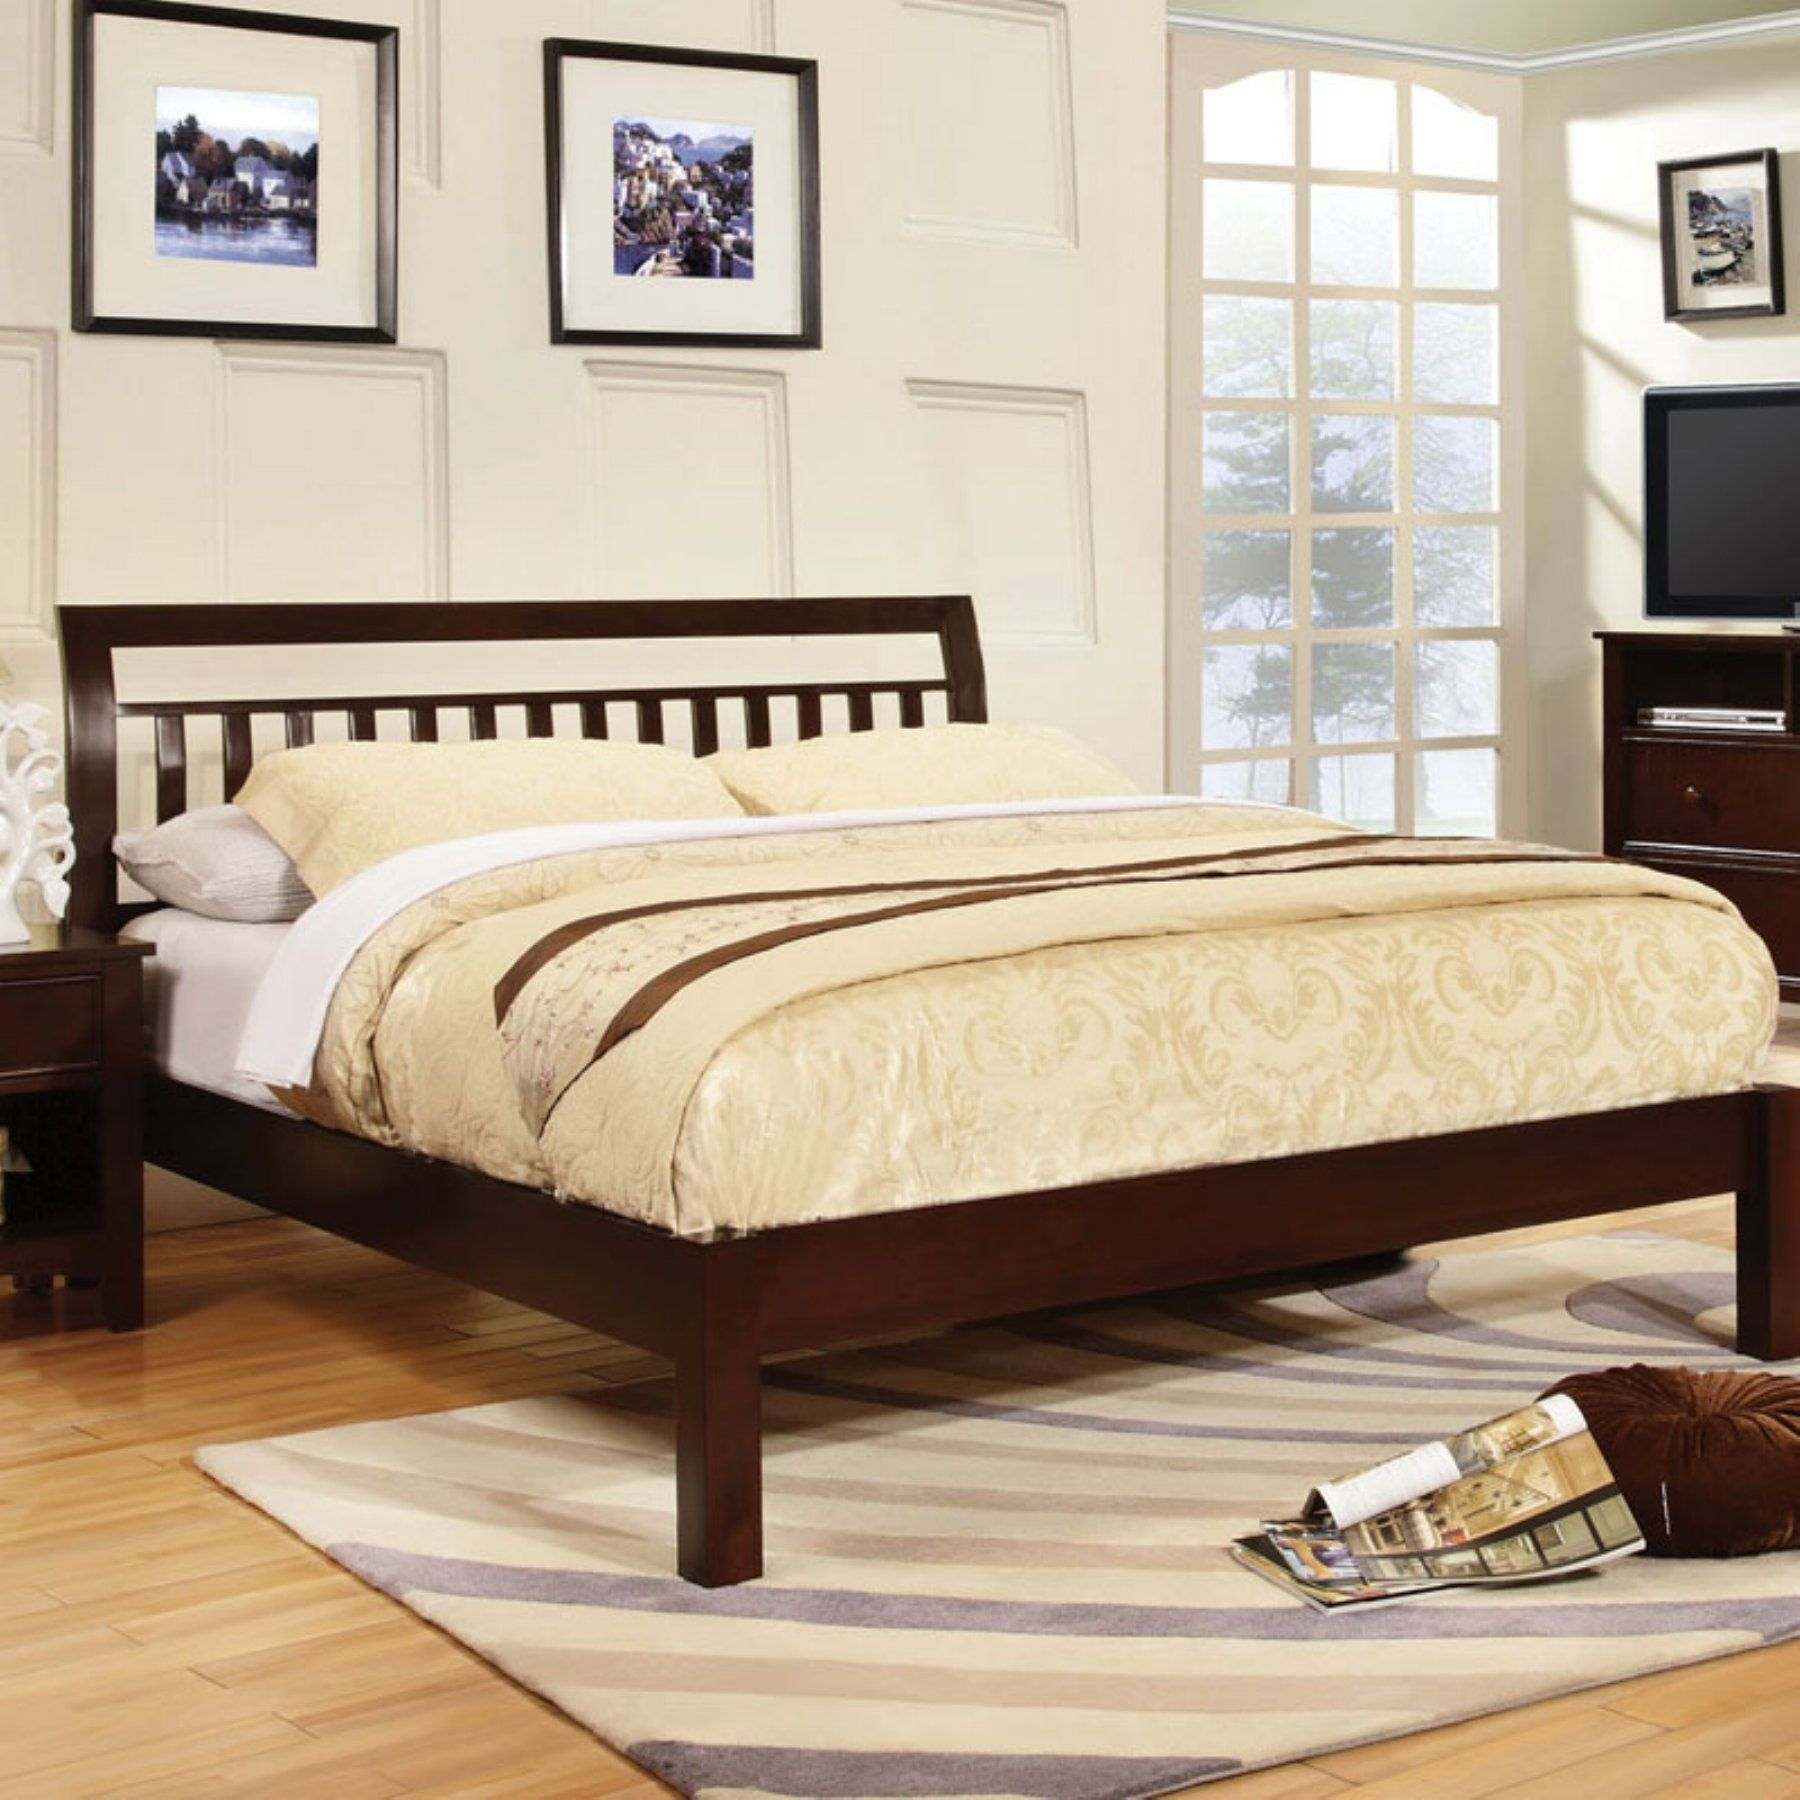 Furniture of America Bridgeville Platform Bed Slatted